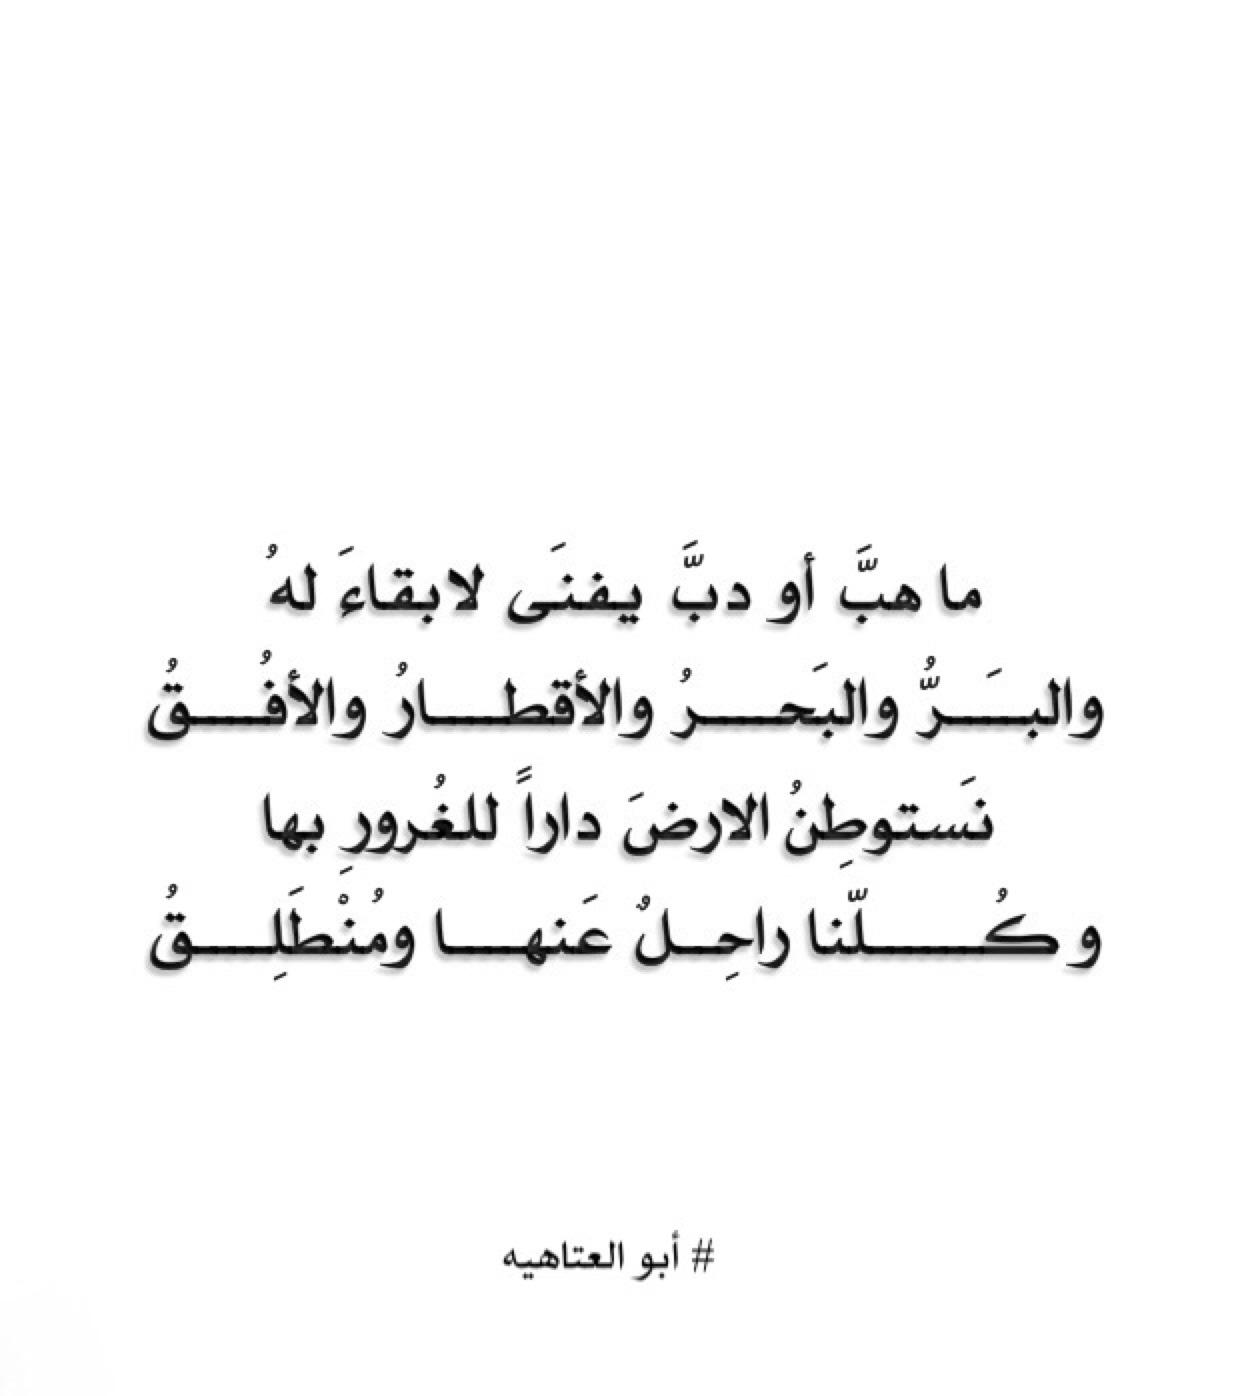 بالصور اجمل قصائد الغزل , الحب والغزل فى اجمل القصائد 485 8